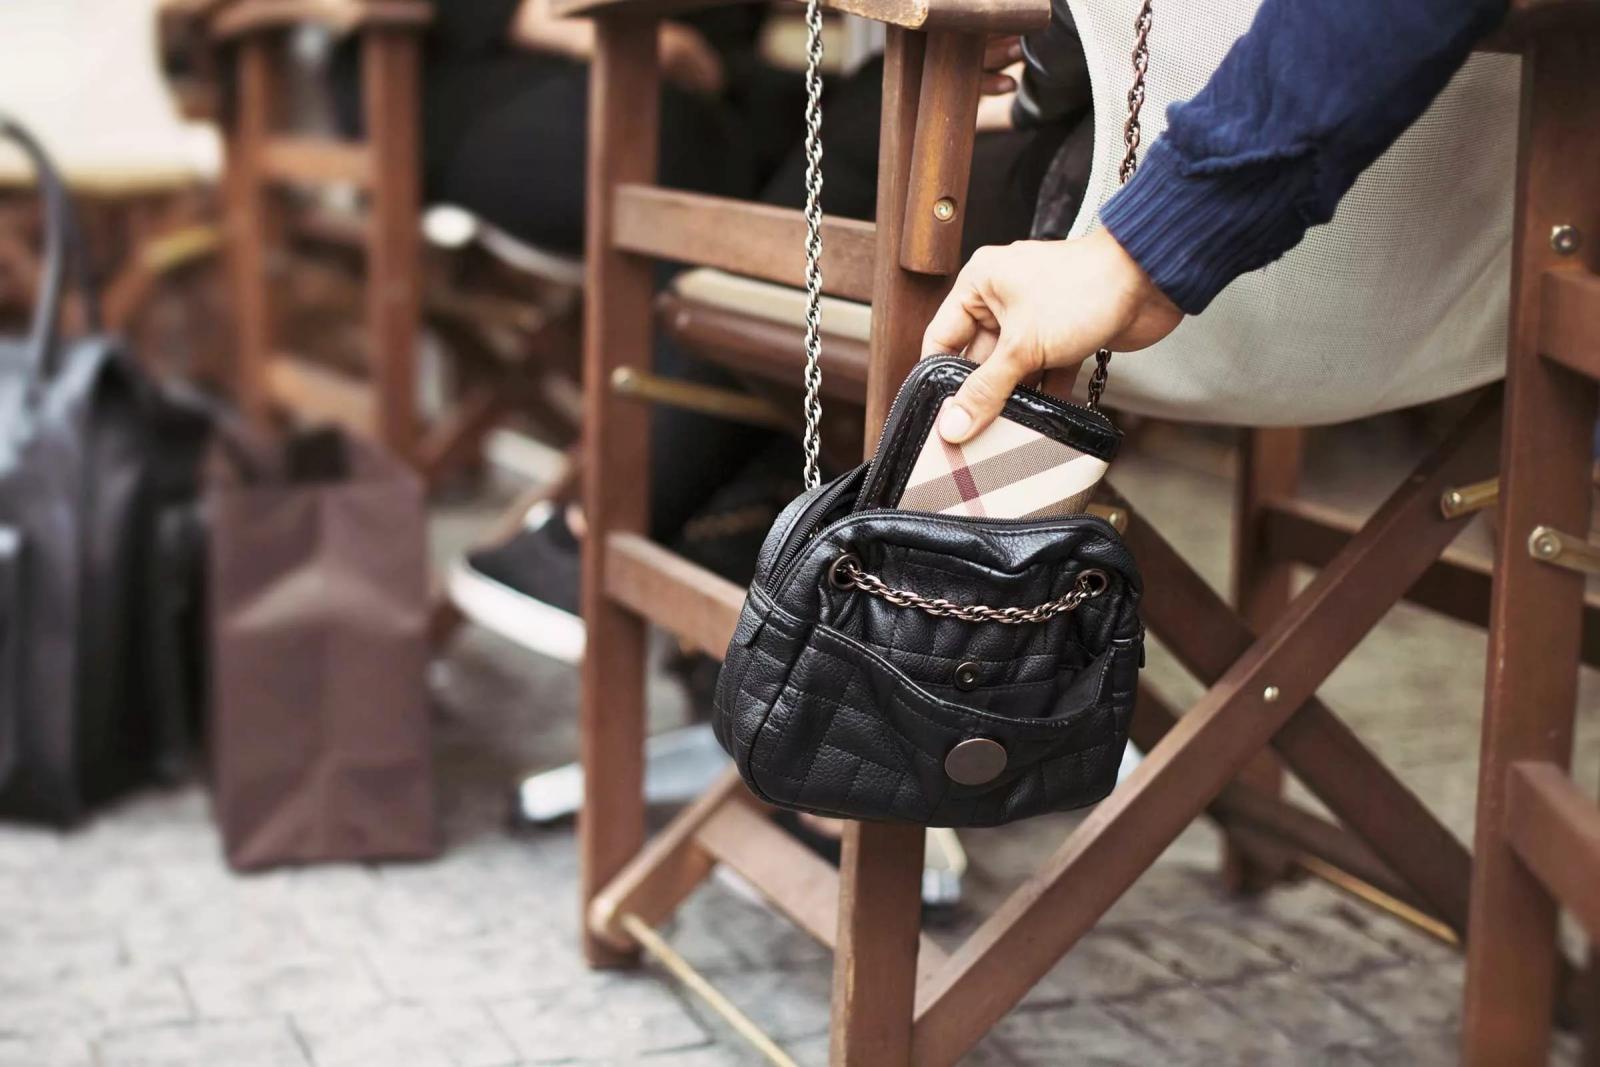 Жительница Брянска «прогуляла» сумку, деньги и мобильник в ночном кафе